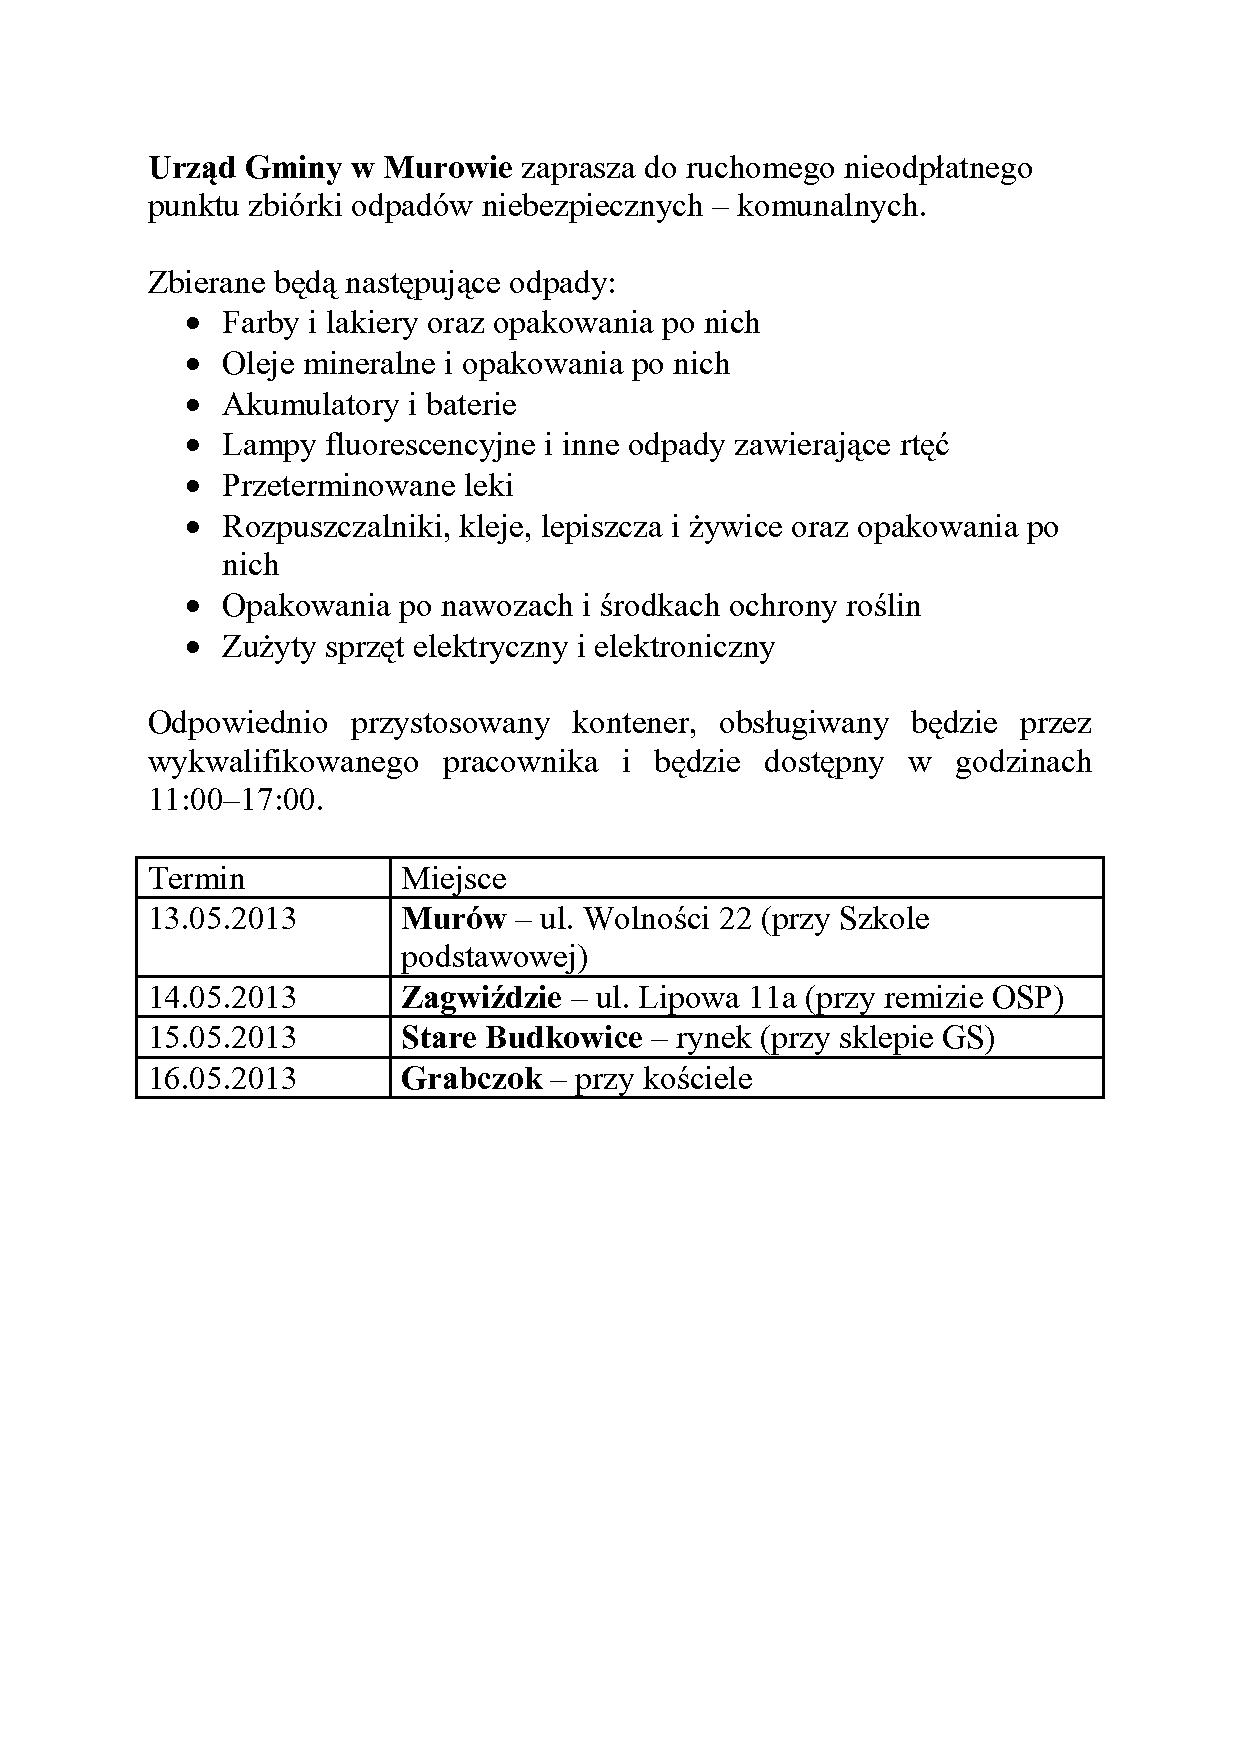 Urząd Gminy w Murowie zaprasza do ruchomego nieodpłatnego punktu zbiórki odpadów niebezpiecznych.jpeg